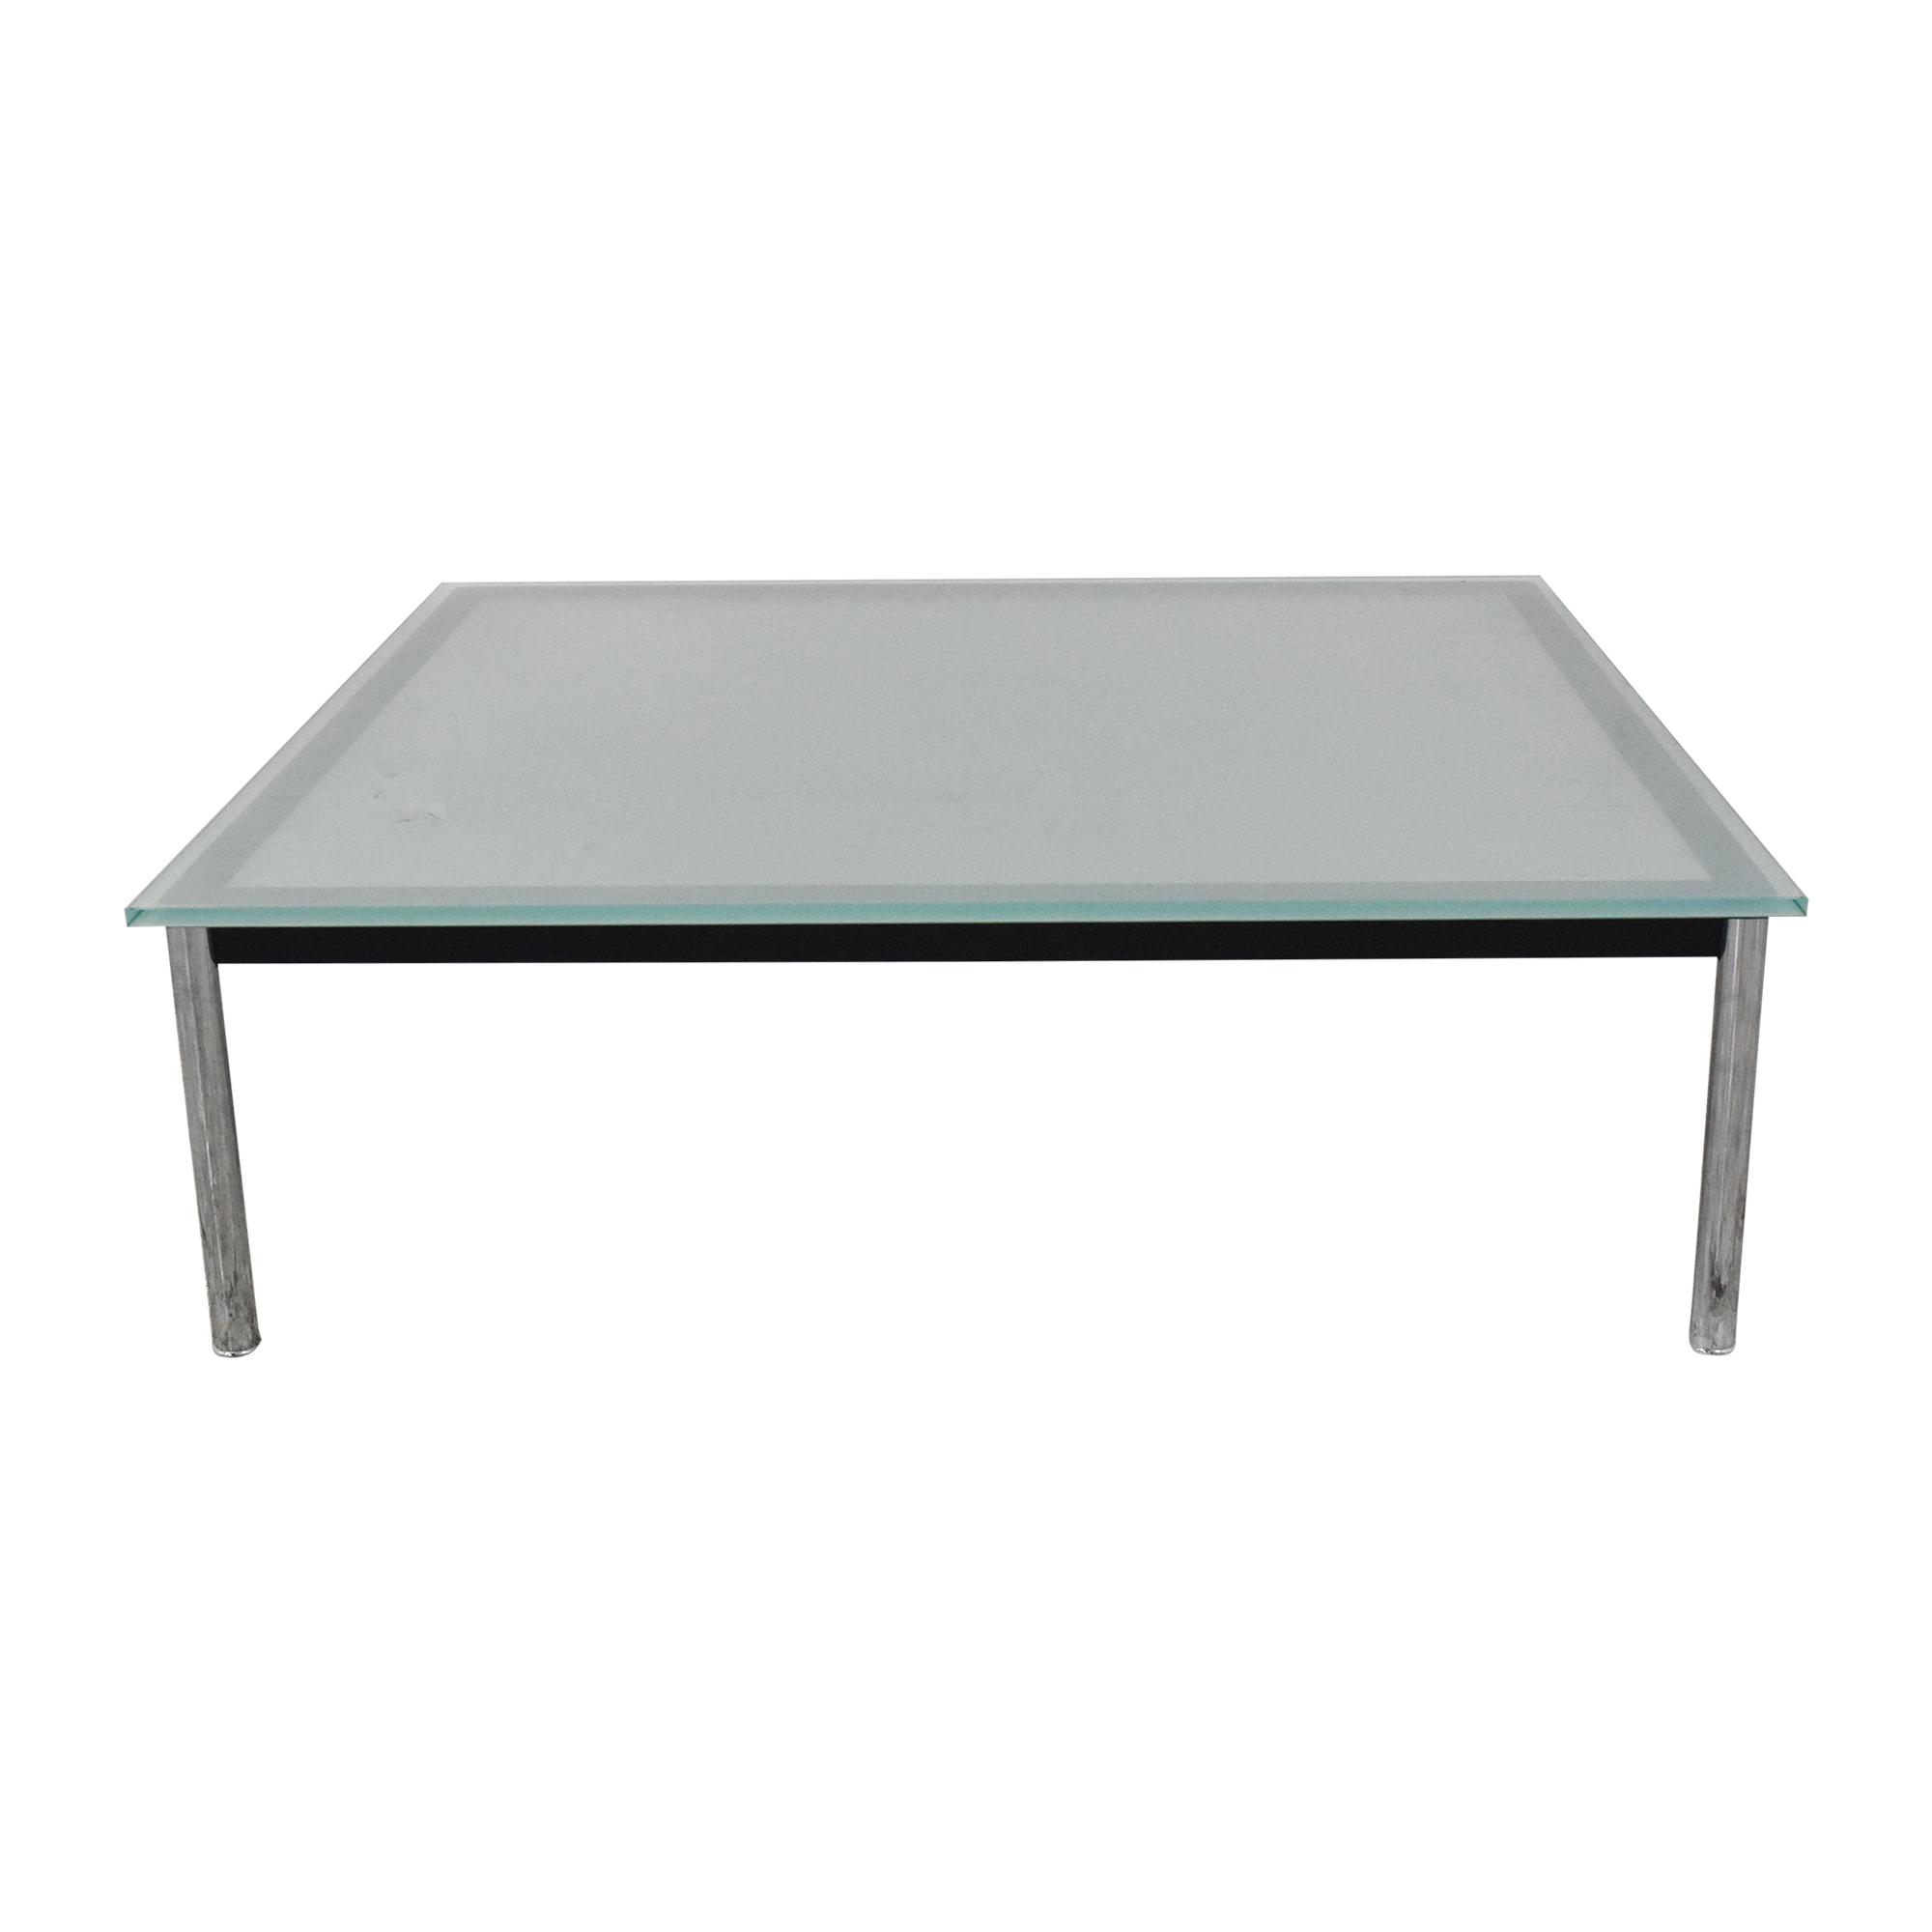 Palazetti Palazetti Le Corbusier-Style Square Coffee Table